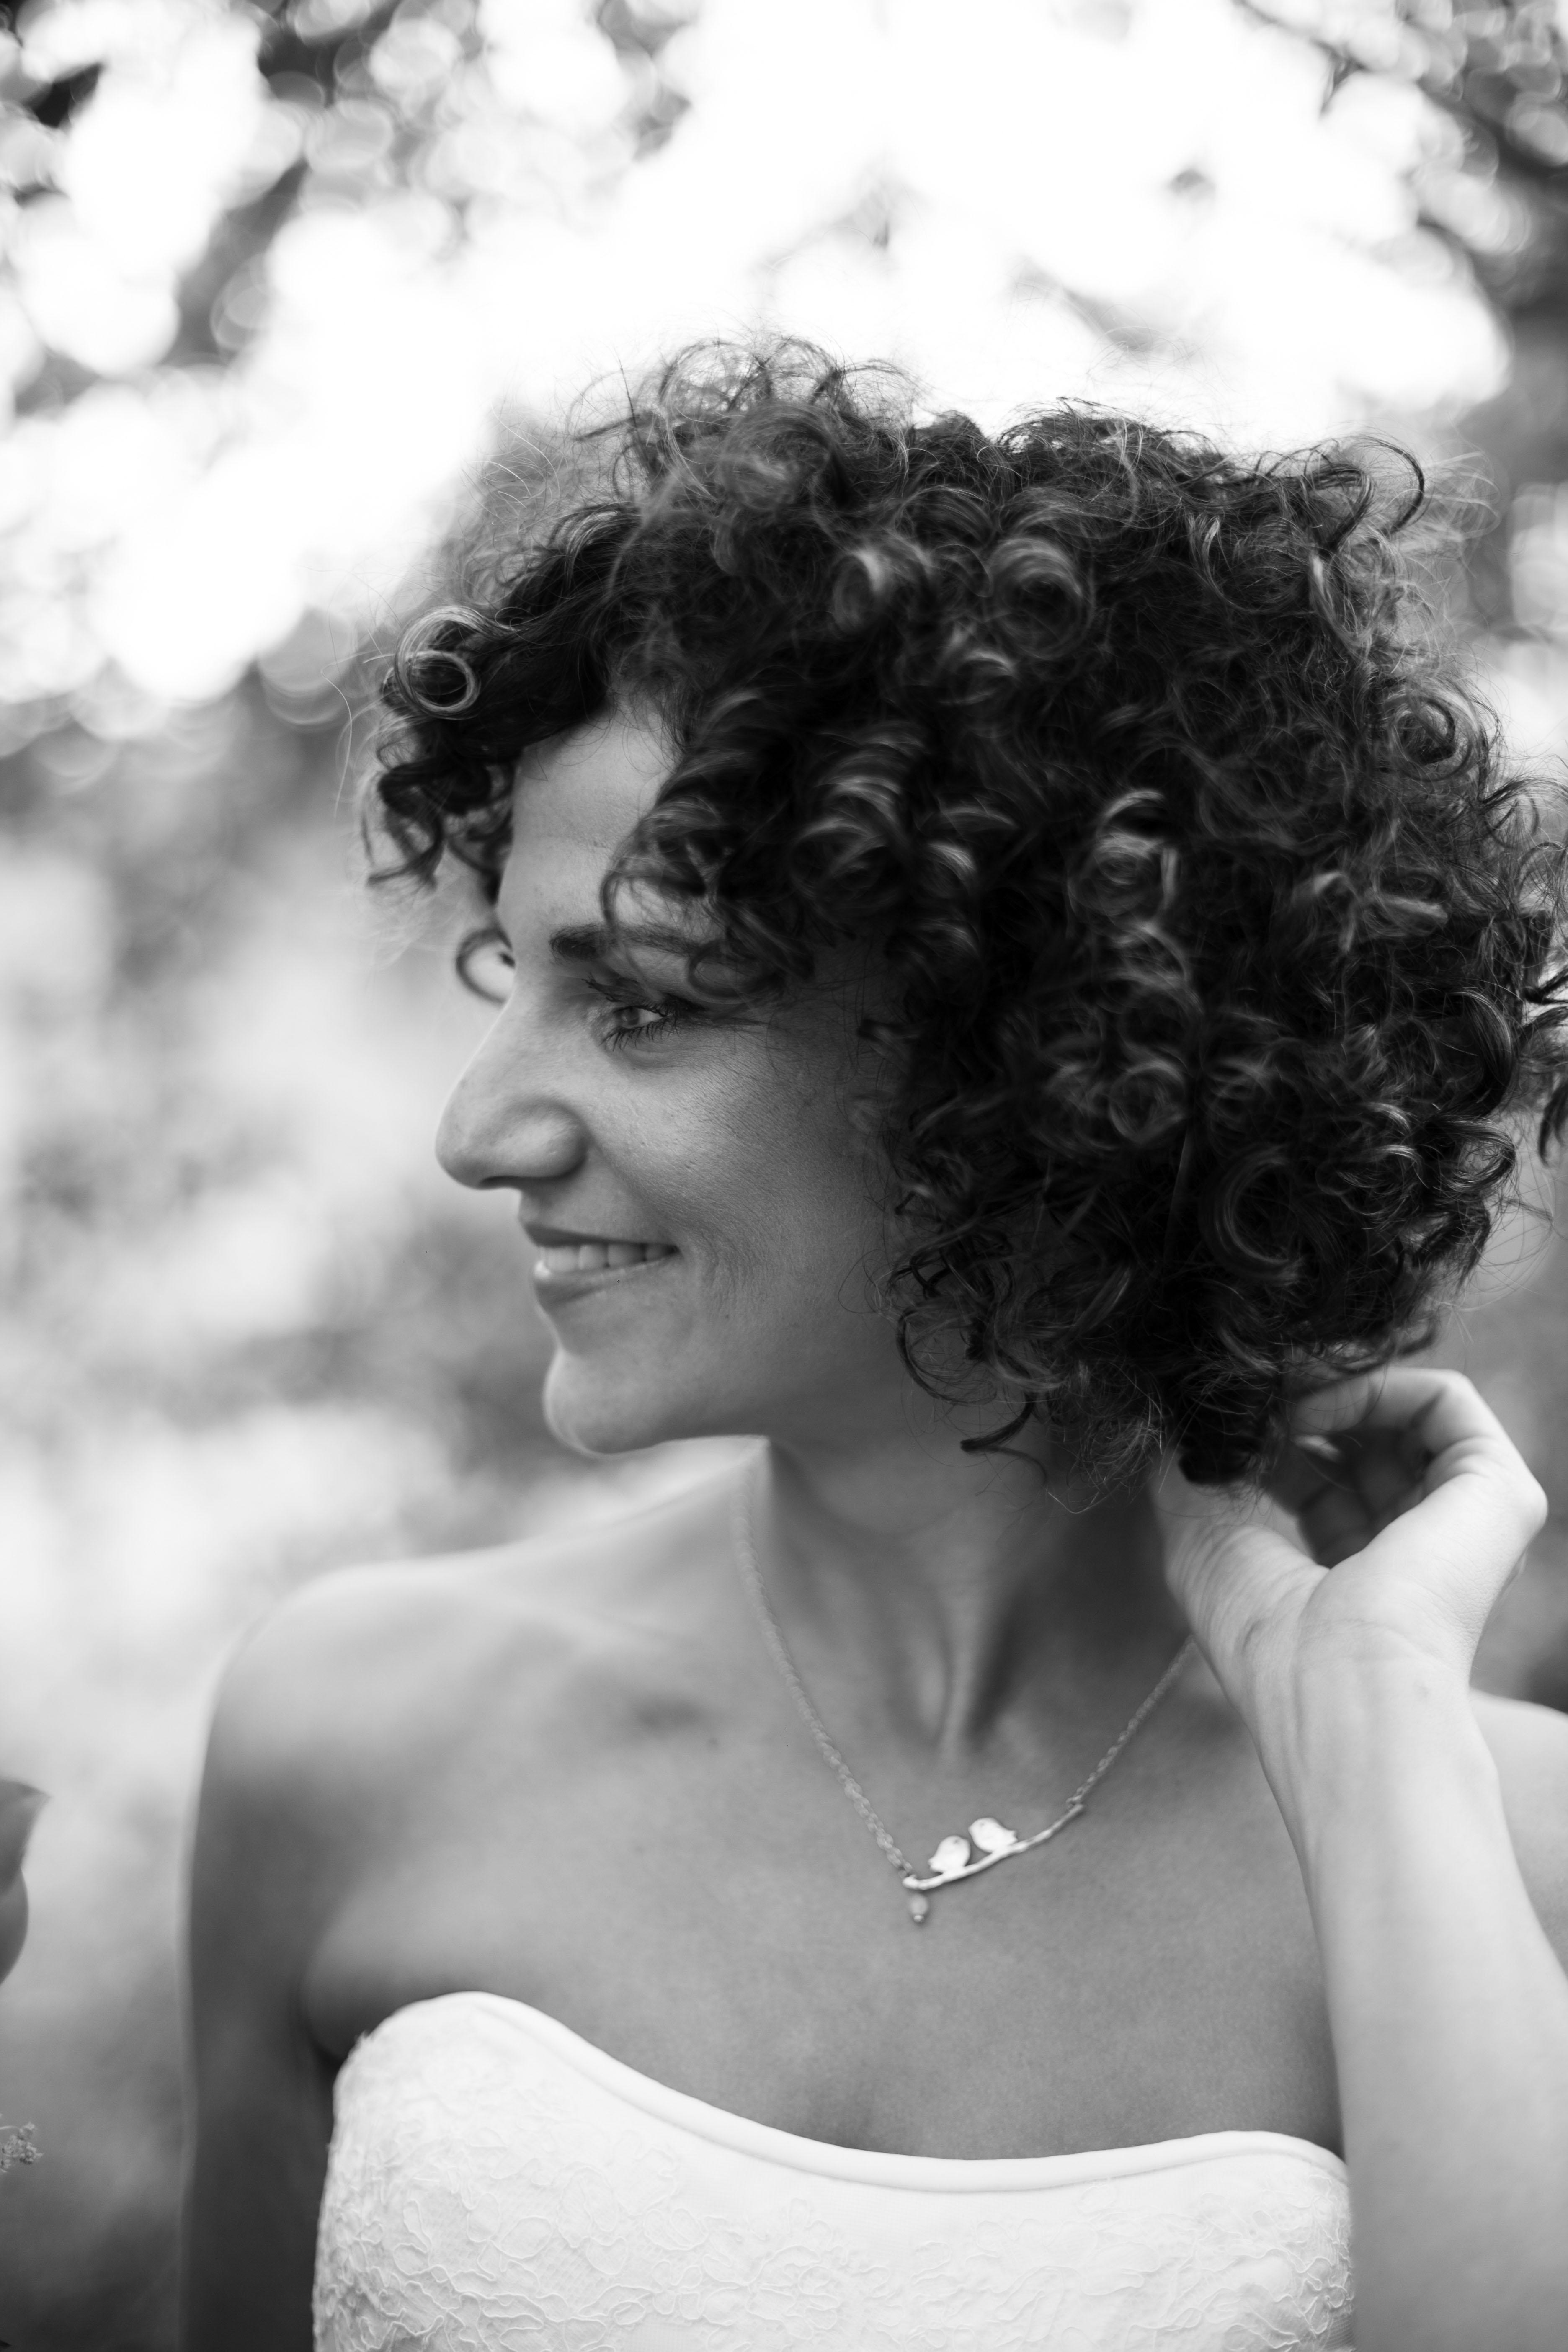 foto yivat en profil zwart wit